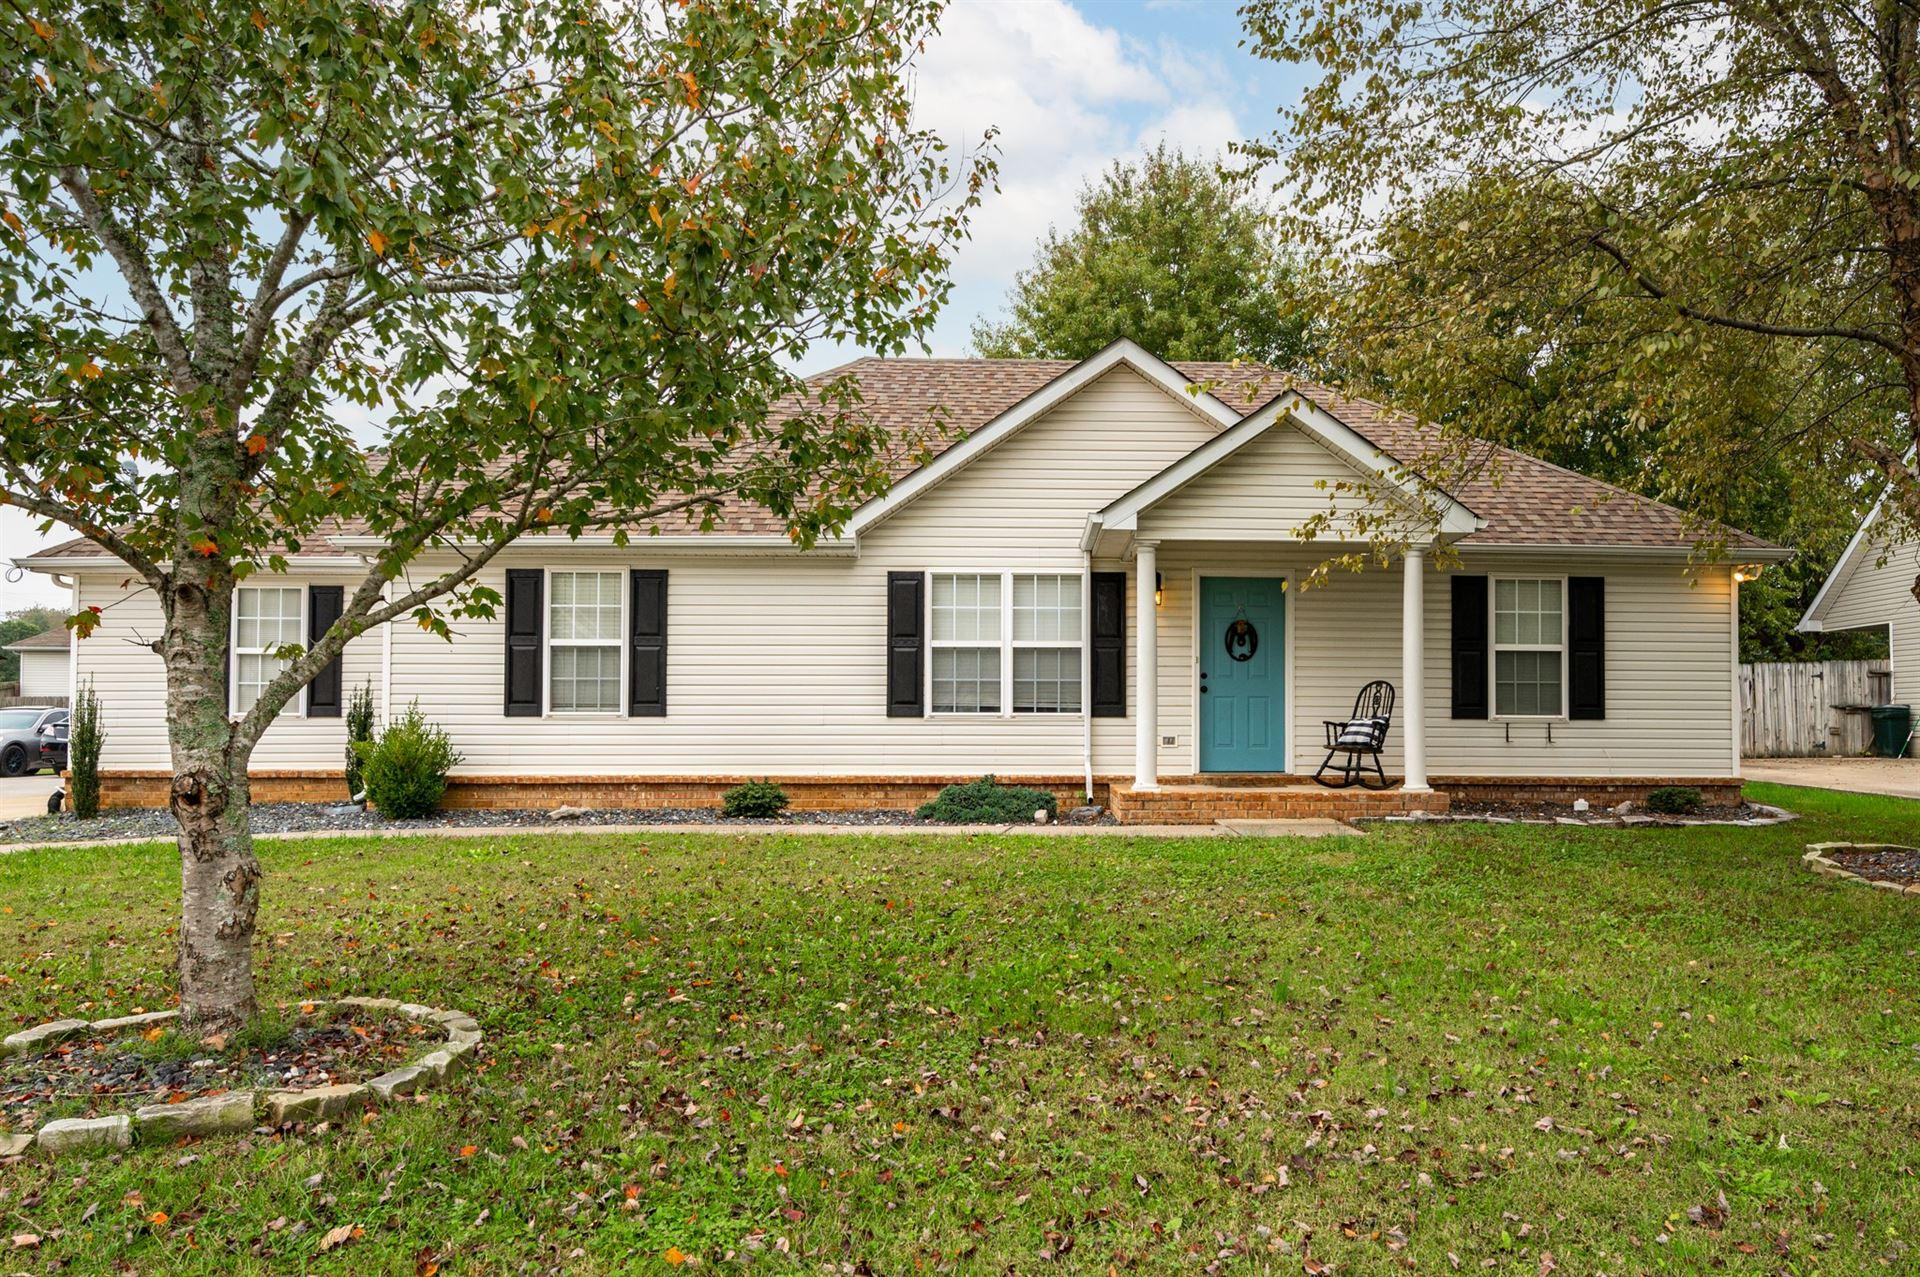 3511 Paulownia Cir, Murfreesboro, TN 37129 - MLS#: 2202466